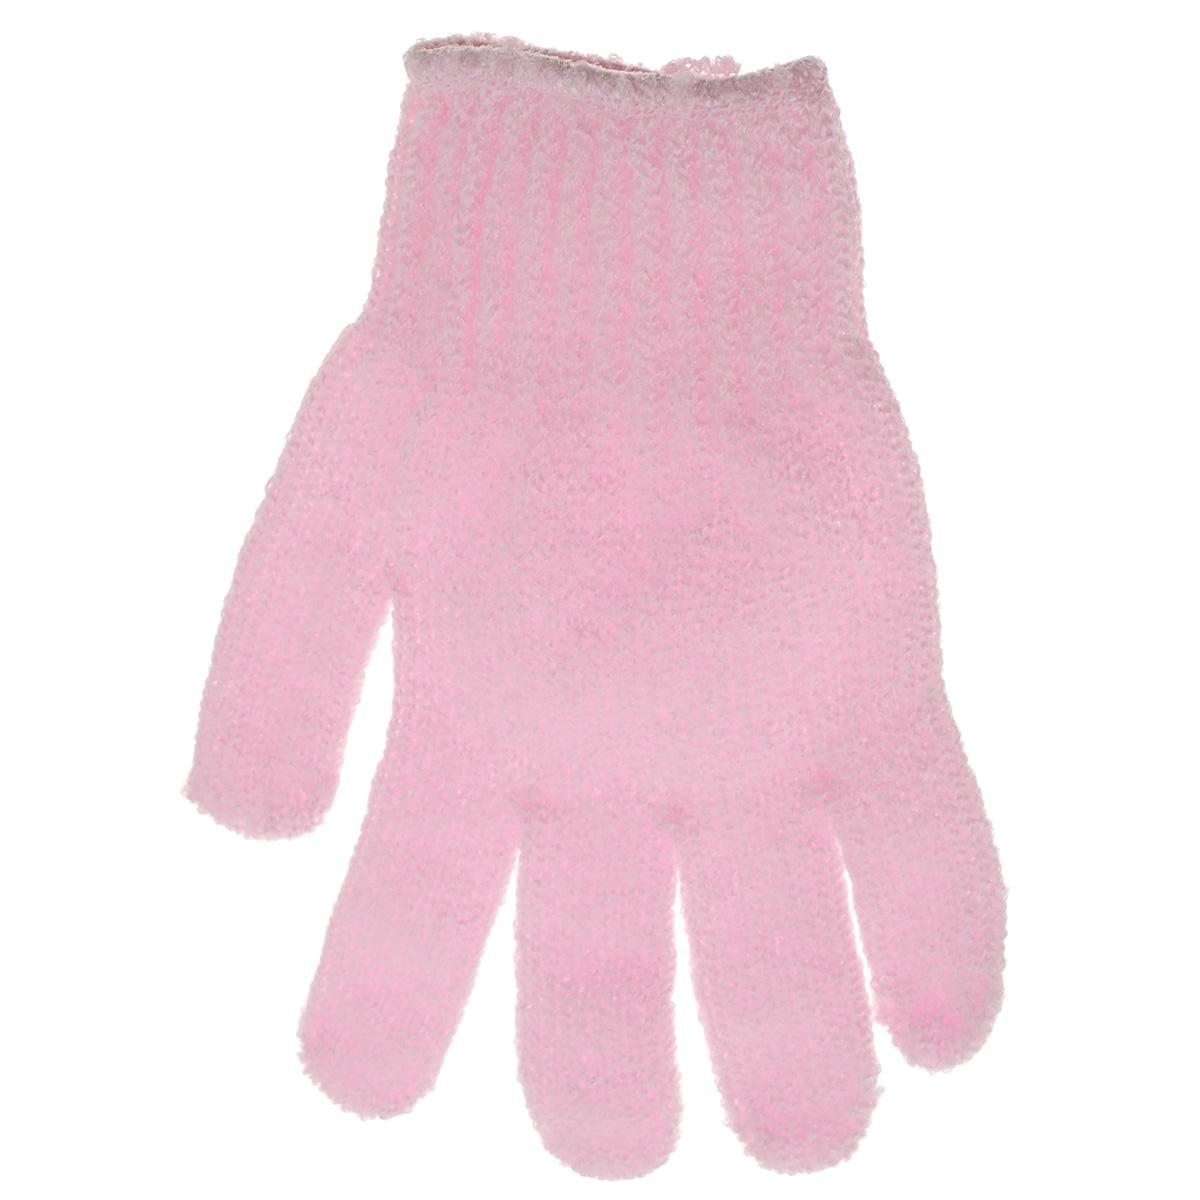 Перчатка массажная The Body Time, цвет: розовый, 17,5 х 12,5 смSC-FM20101Массажная перчатка The Body Time выполненная из нейлона, прекрасно массирует, тонизирует и очищает кожу. Обладая эффектом скраба, перчатка мягко отшелушивает верхний слой эпидермиса, стимулируя рост новых, молодых клеток, делая кожу здоровой и красивой. Перчатка используется для душа или для массажных процедур.Размер перчатки: 17,5 х 12,5 см.